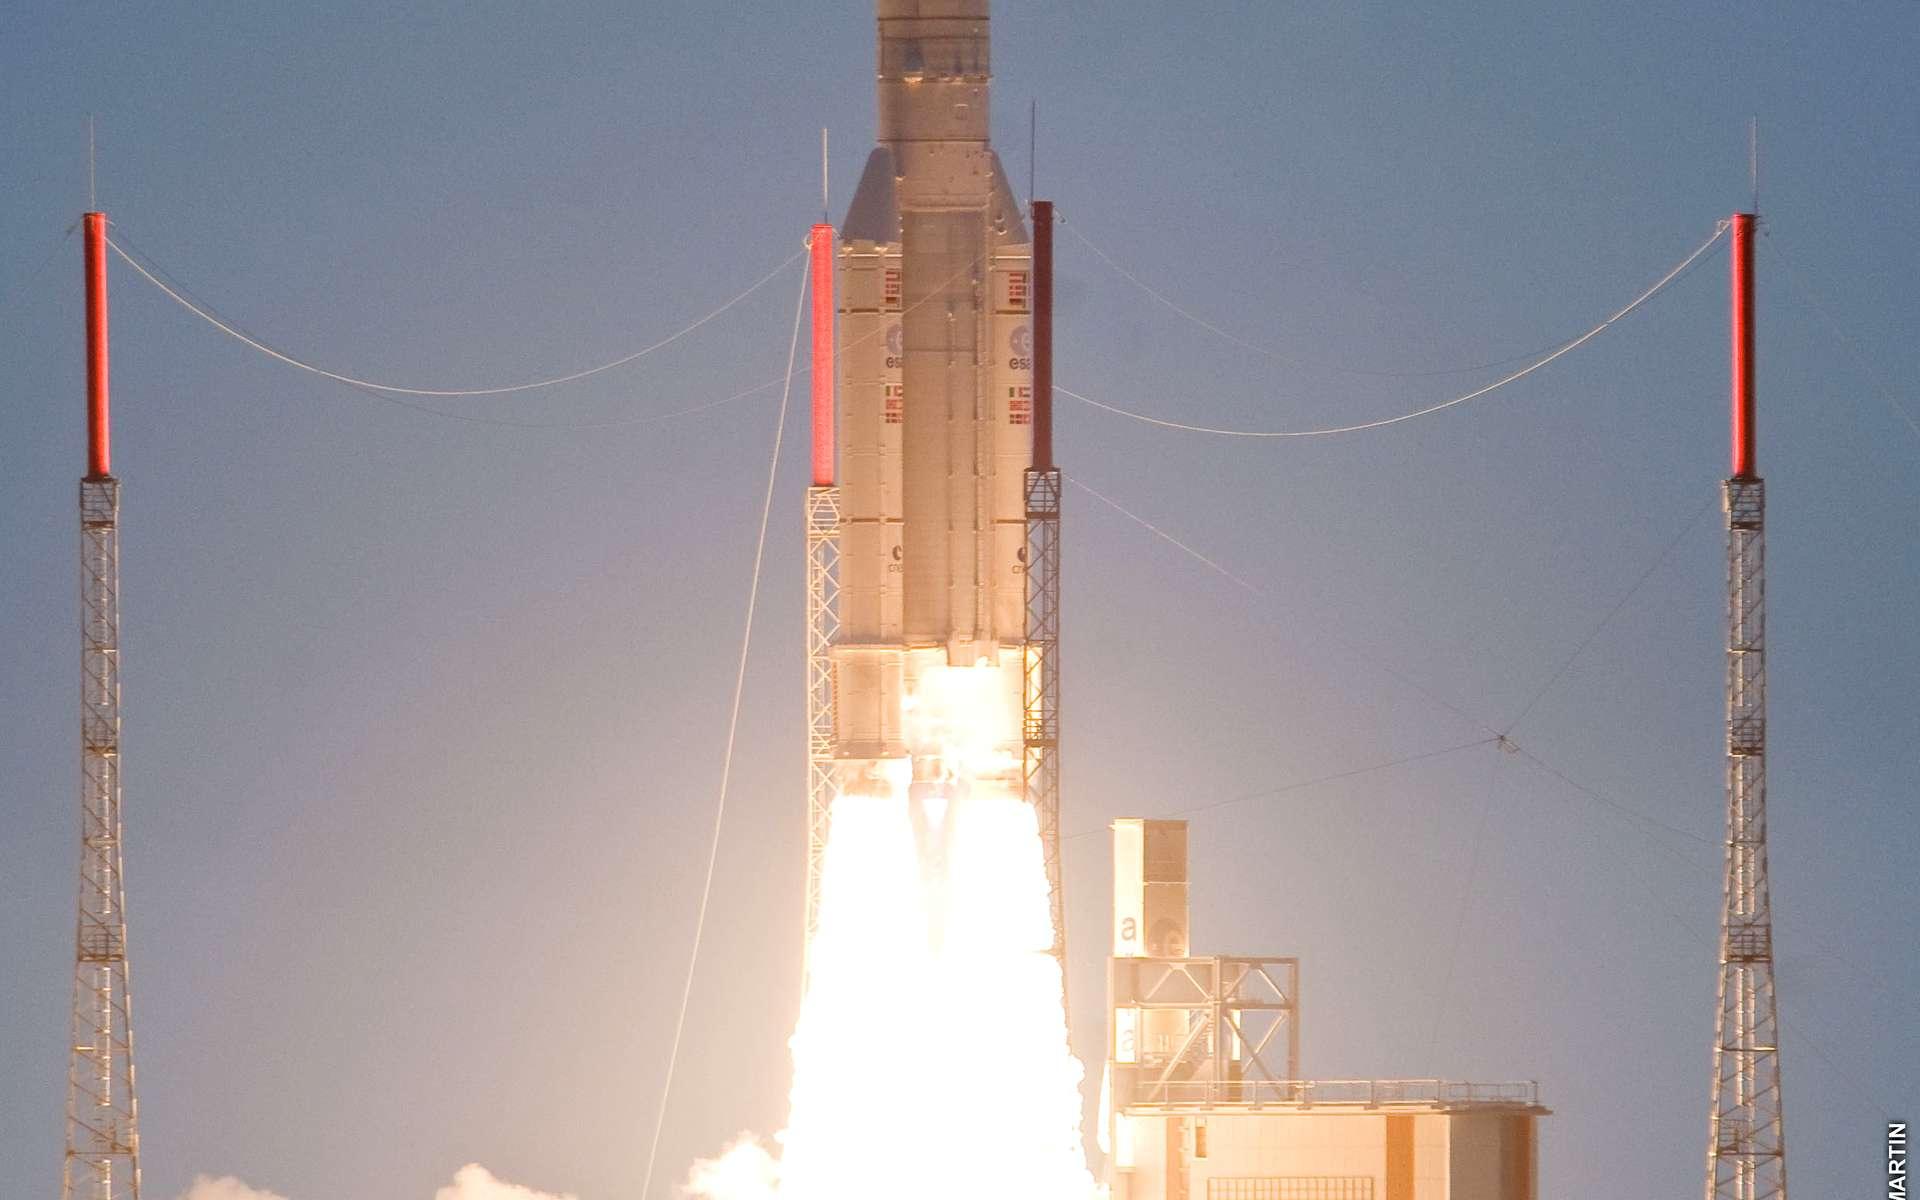 Ce que l'on aurait aimé voir hier soir. Ici, le décollage d'une Ariane 5 ECA, transportant les satellites NSS-12 et Thor 6, le 29 octobre 2009. © Arianespace